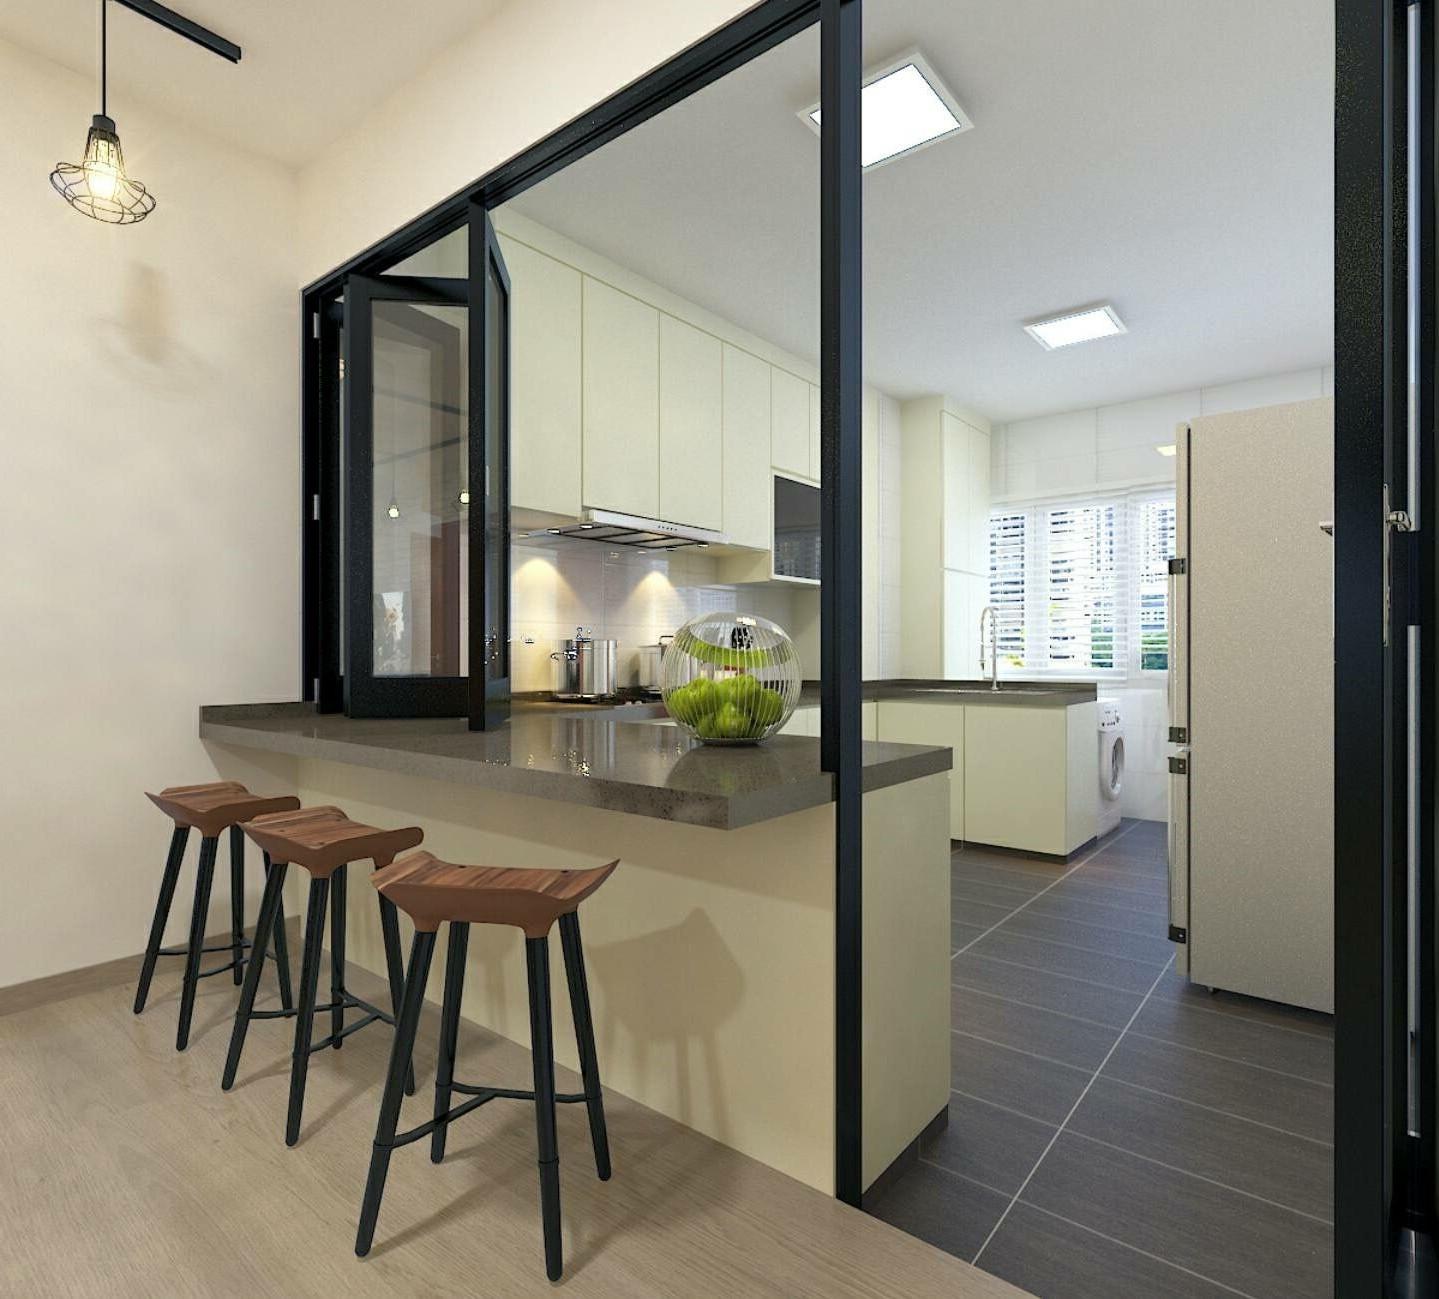 Installez des fenêtres pliantes pour créer une cuisine semi-ouverte.